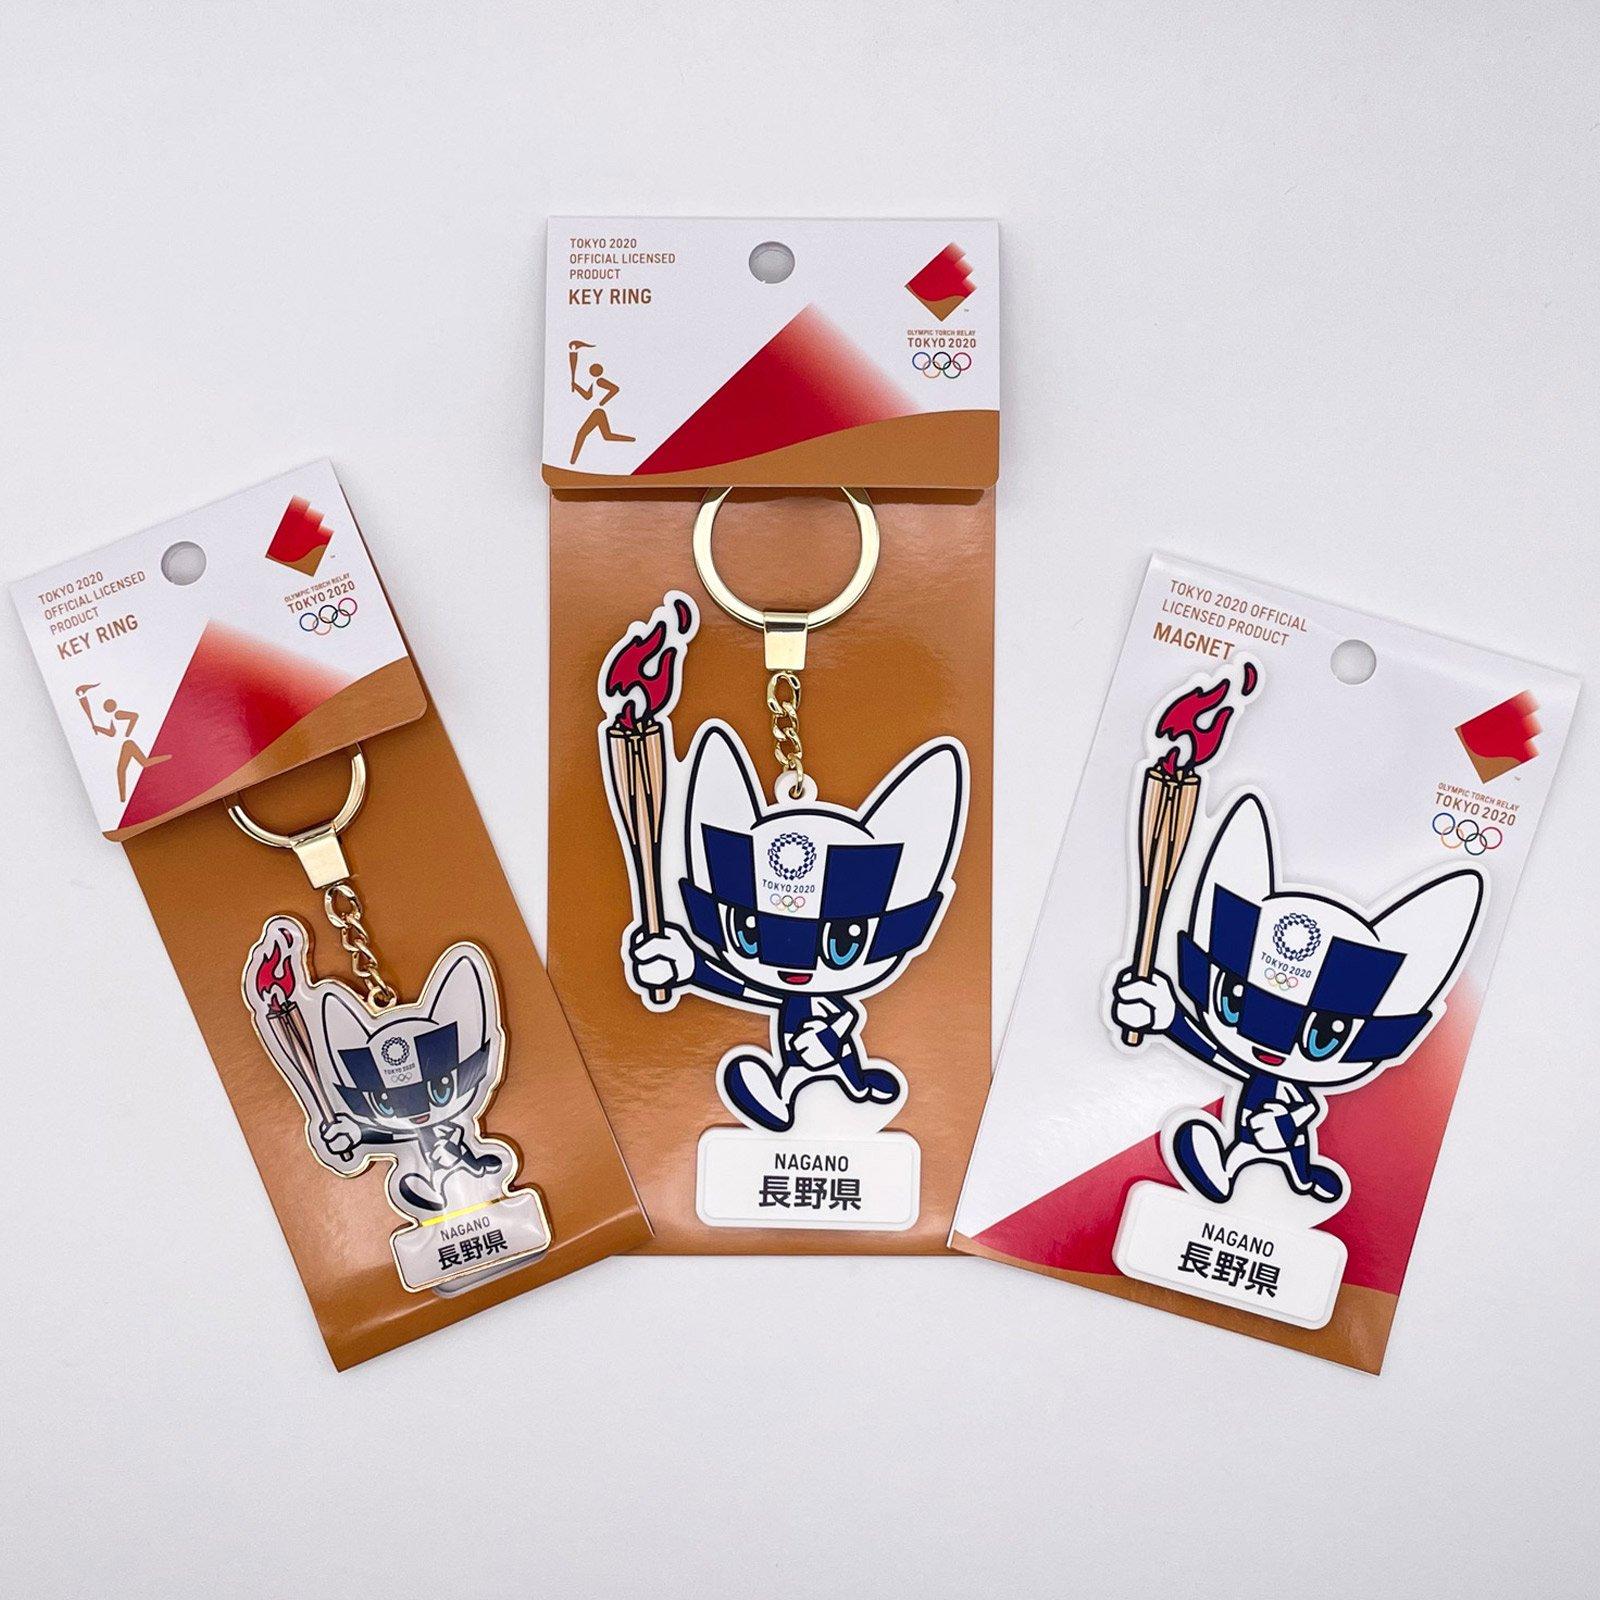 【セール価格】【お得なセット】東京2020オリンピック聖火リレーマスコット商品:長野県セット